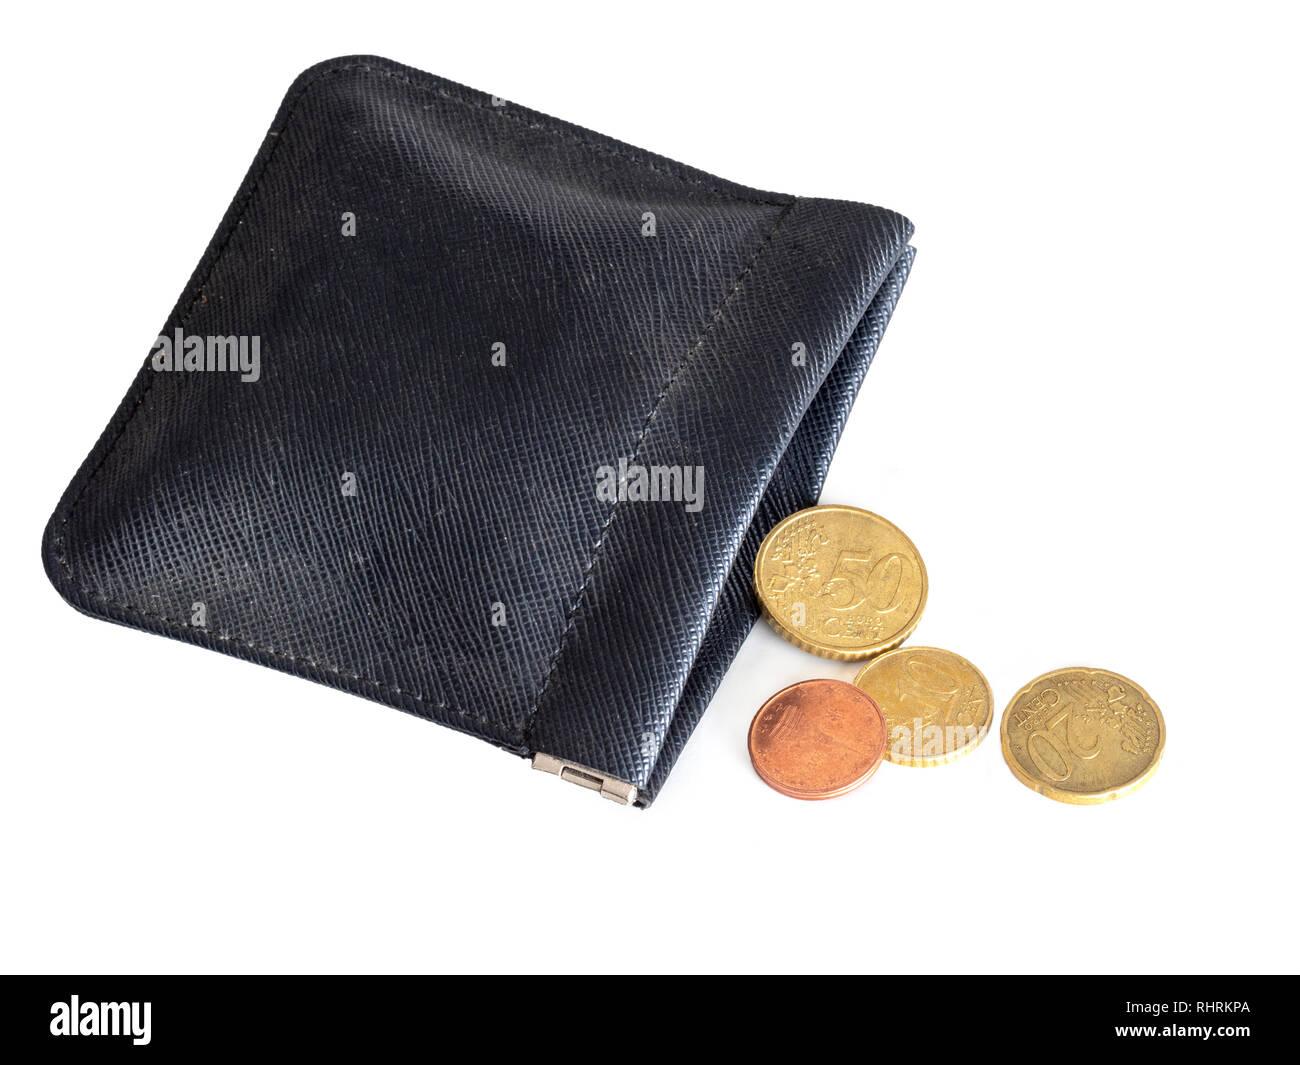 Sac presque vide, à court d'argent, d'euros. La crise financière, bancaire, l'Union européenne, l'Europe, l'Italie etc ou la pauvreté dans l'Union européenne. Concept, métaphore. Photo Stock